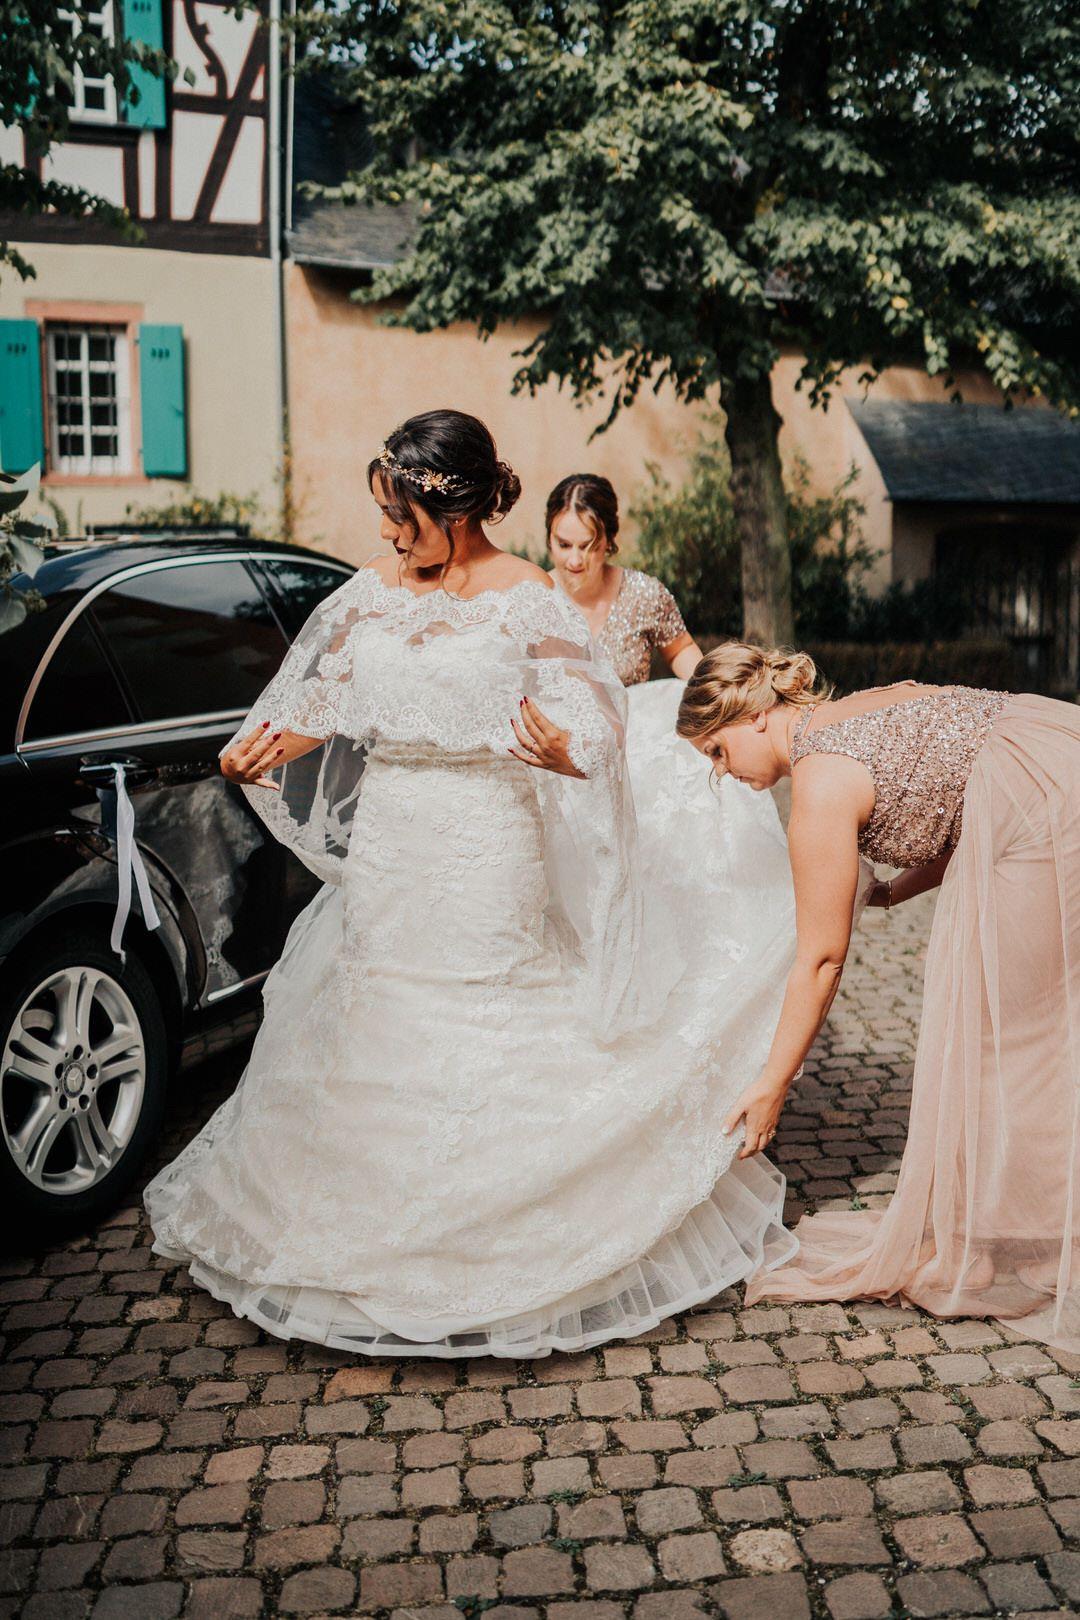 Boho-Braut vor der Kirche bei einer Hochzeitsreportage zwischen Wisbaden und Mainz